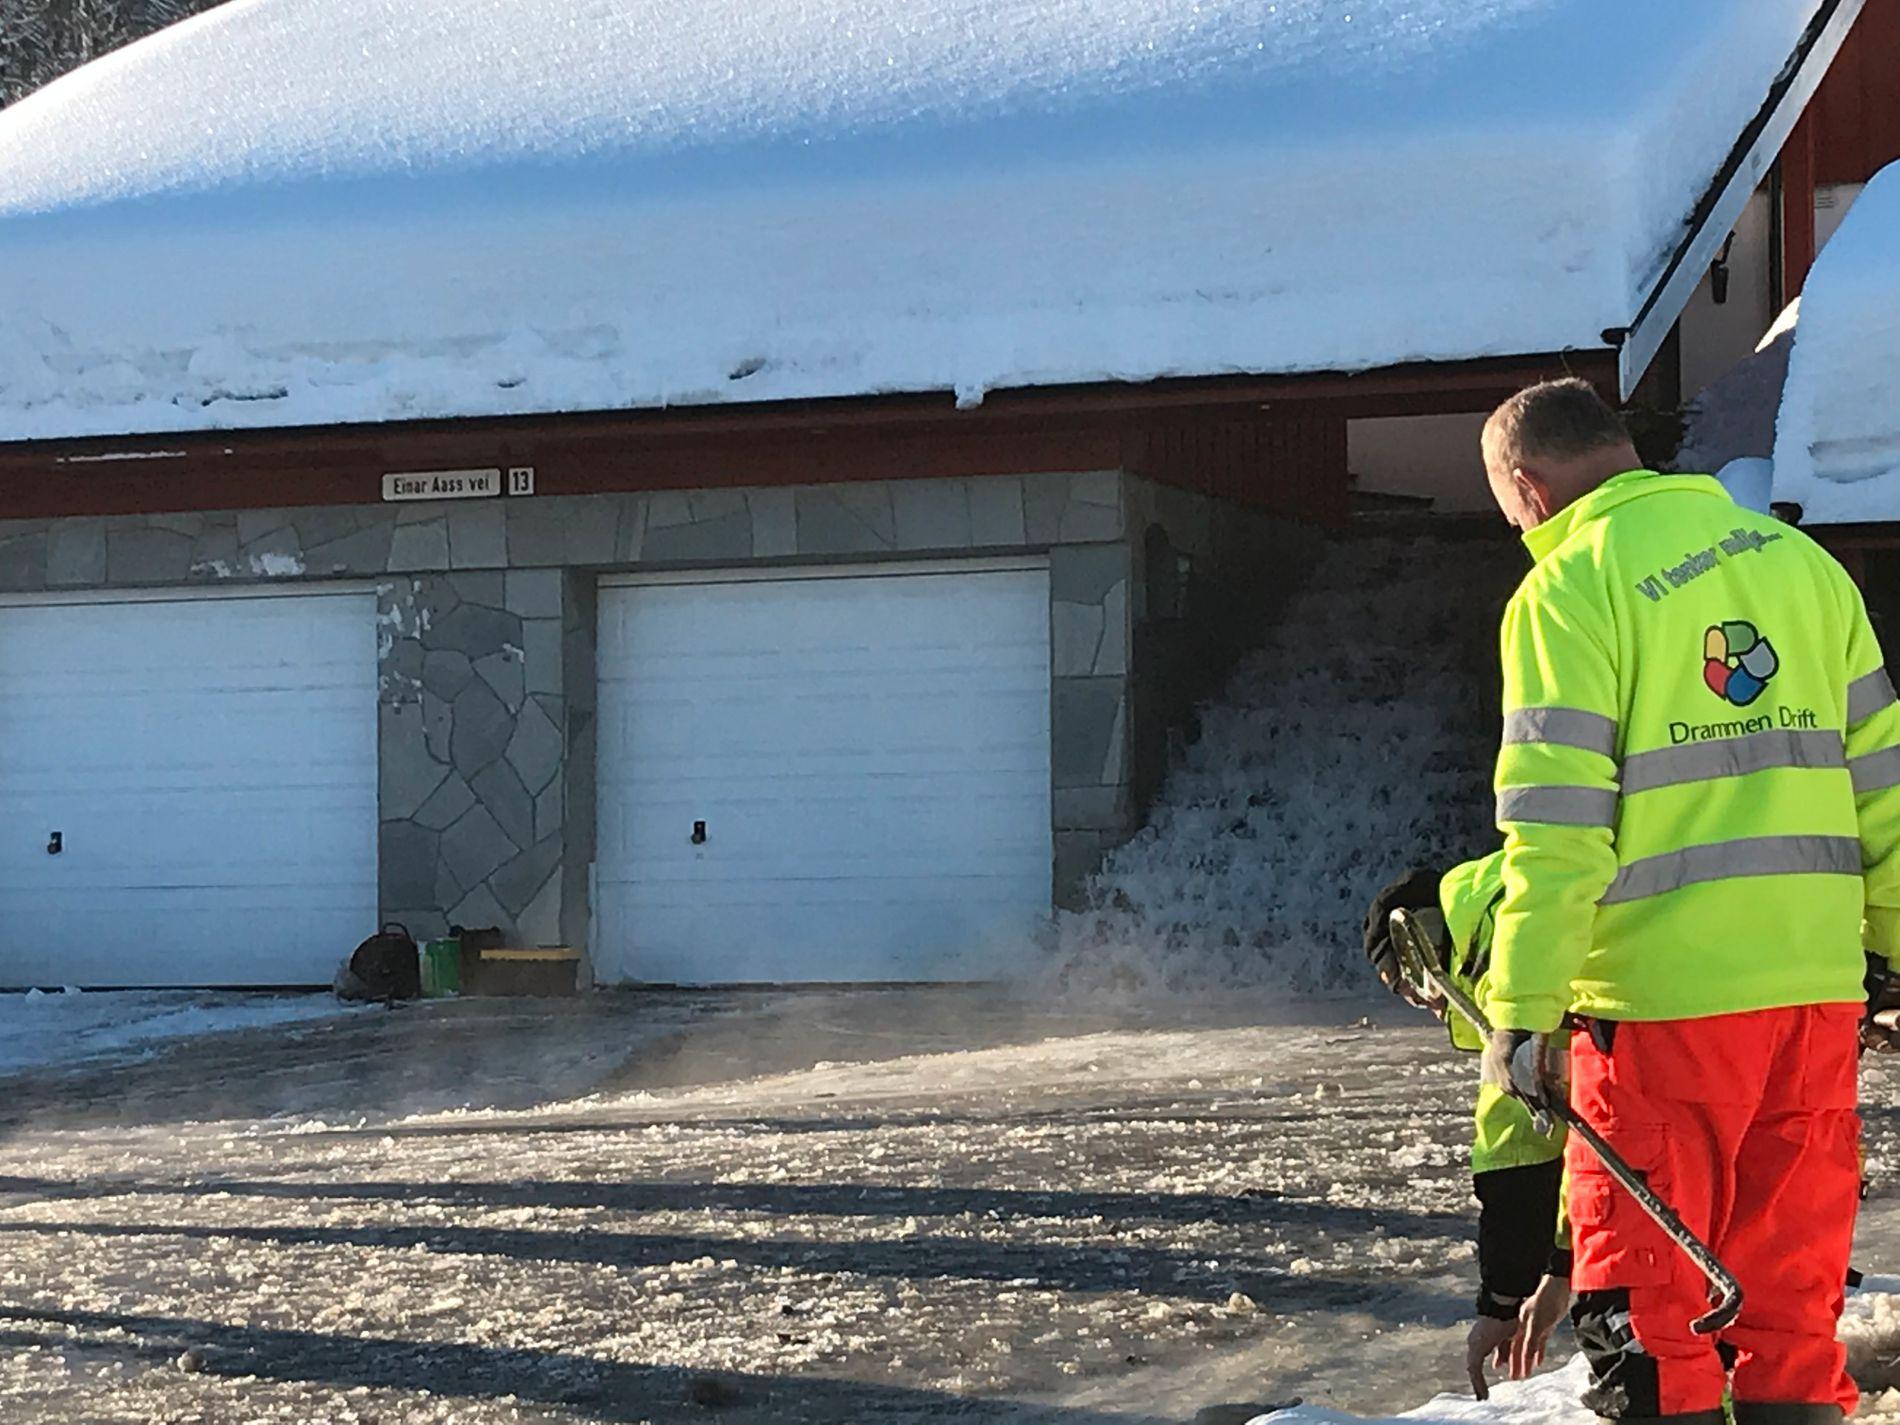 TETT KUM: Det rant store mengder vann gjennom et hus og mot flere boligområder i Drammen tirsdag formiddag.